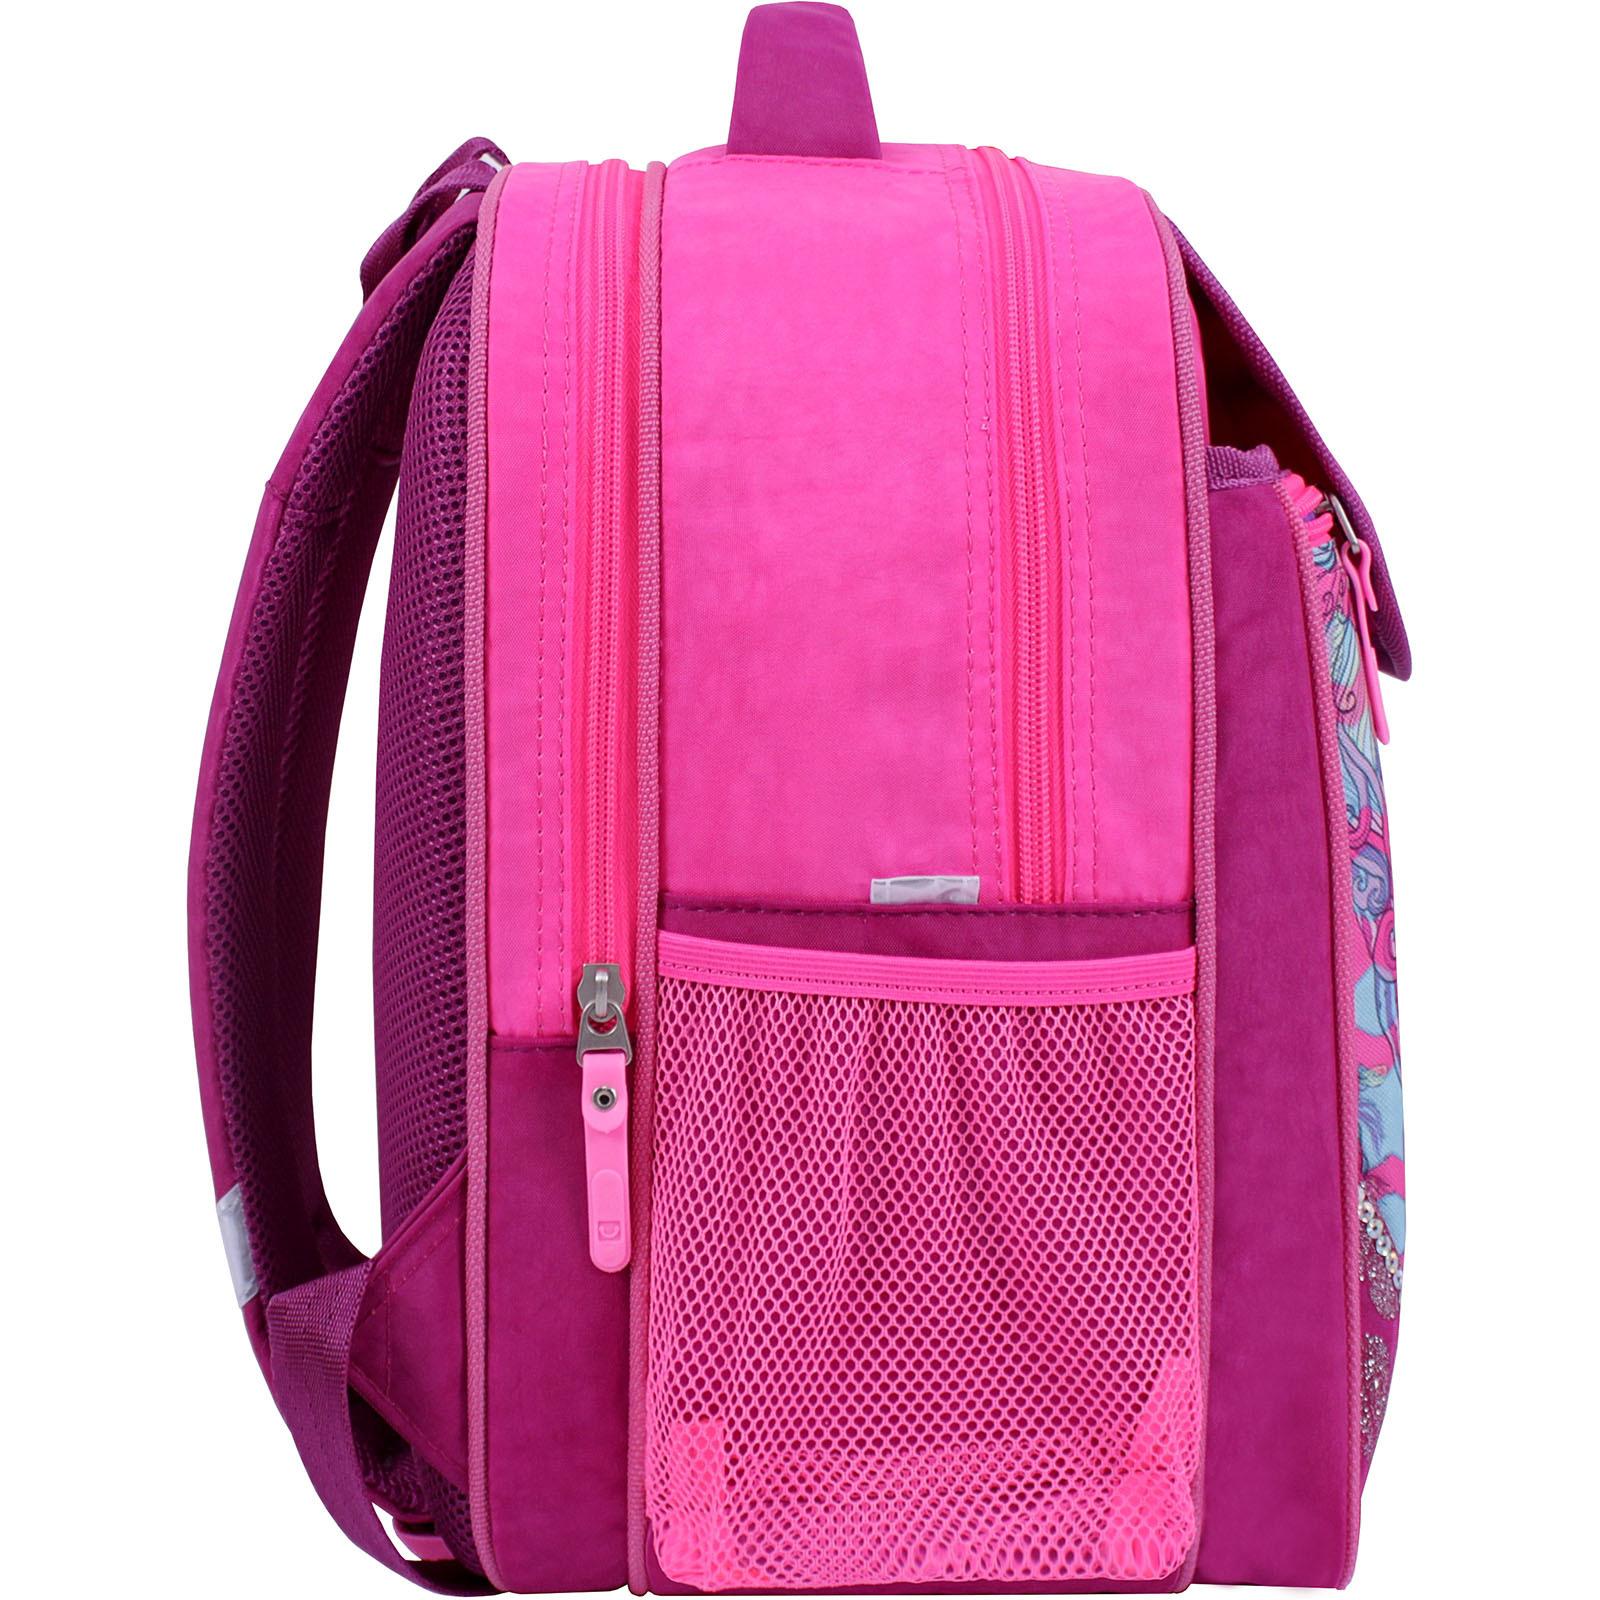 Рюкзак школьный Bagland Отличник 20 л. Малиновый 593 (0058070) фото 2